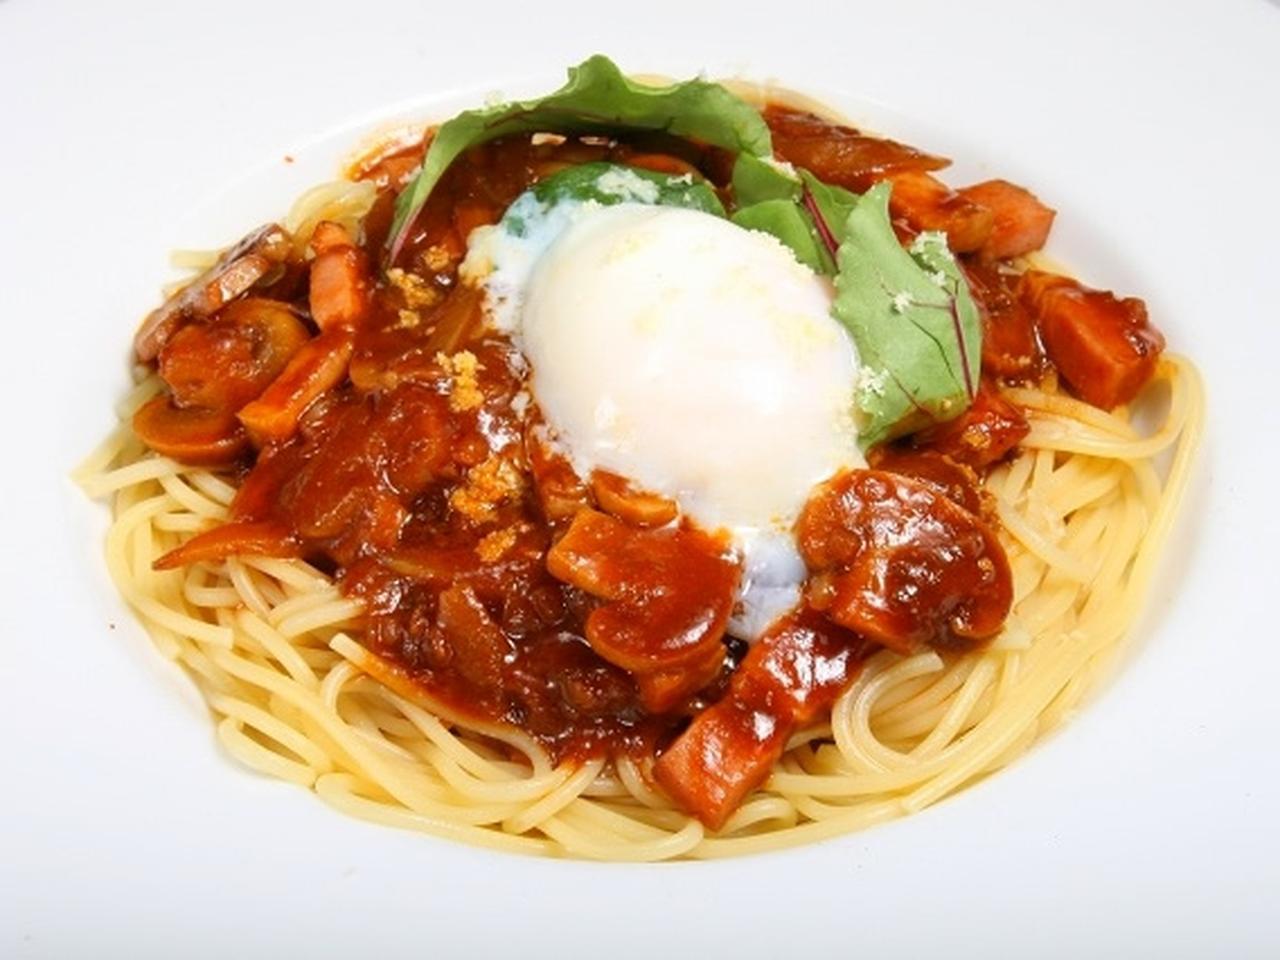 画像: 「仙台味噌を使ったスパゲティ ミートソース」。仙台味噌と八丁味噌をブレンドすることで、味に深みを持たせた一品。